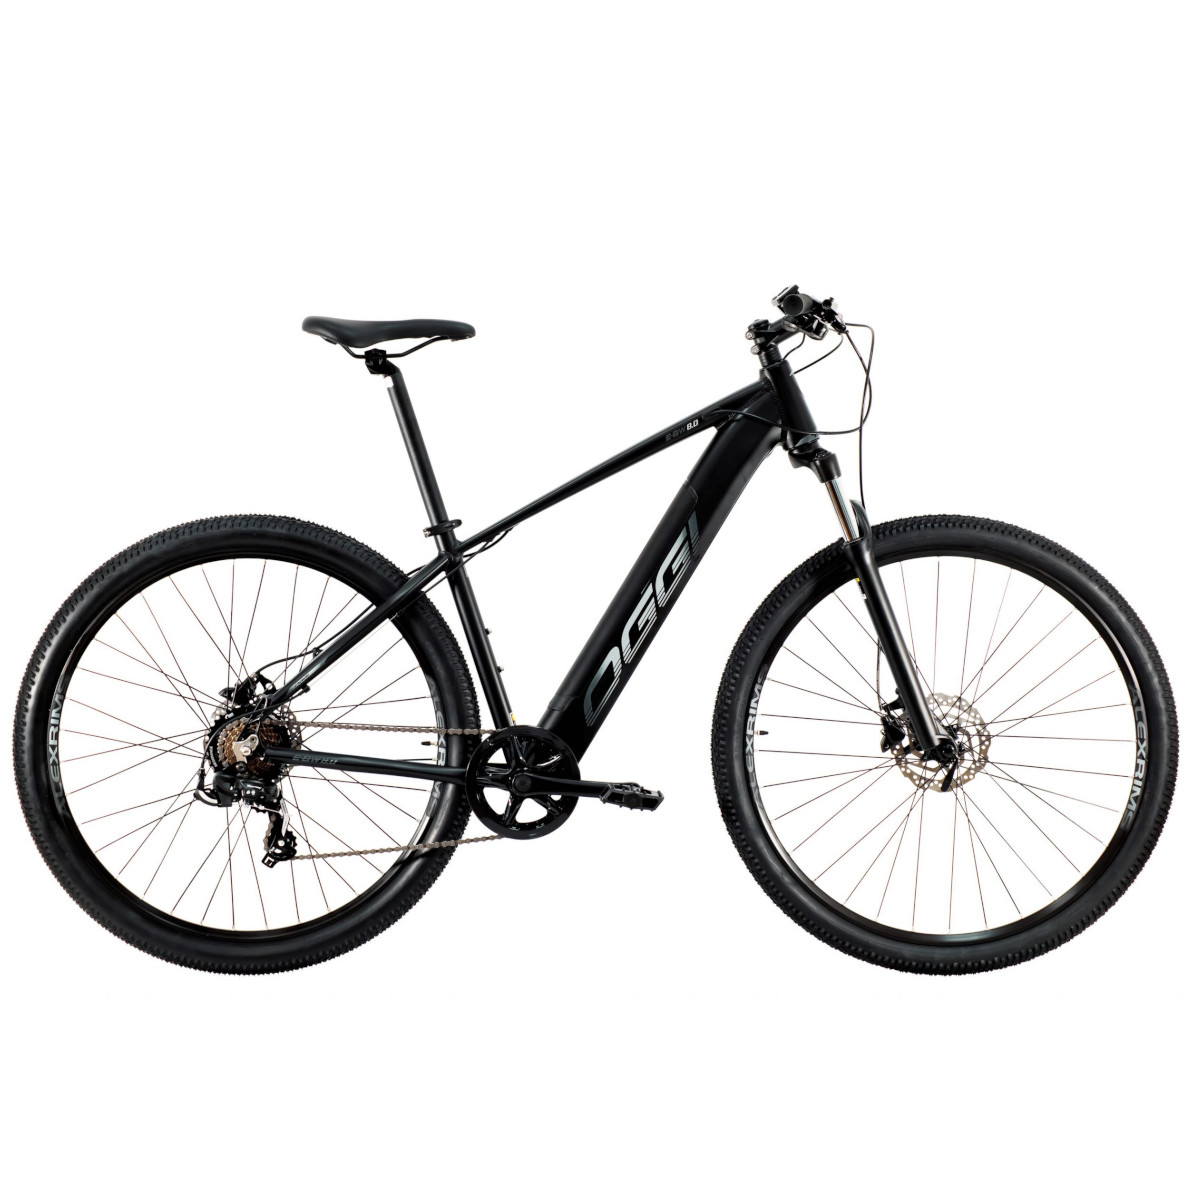 E-Bike Big Wheel 8.0 2021 Pedal Assistido Preto/Cinza